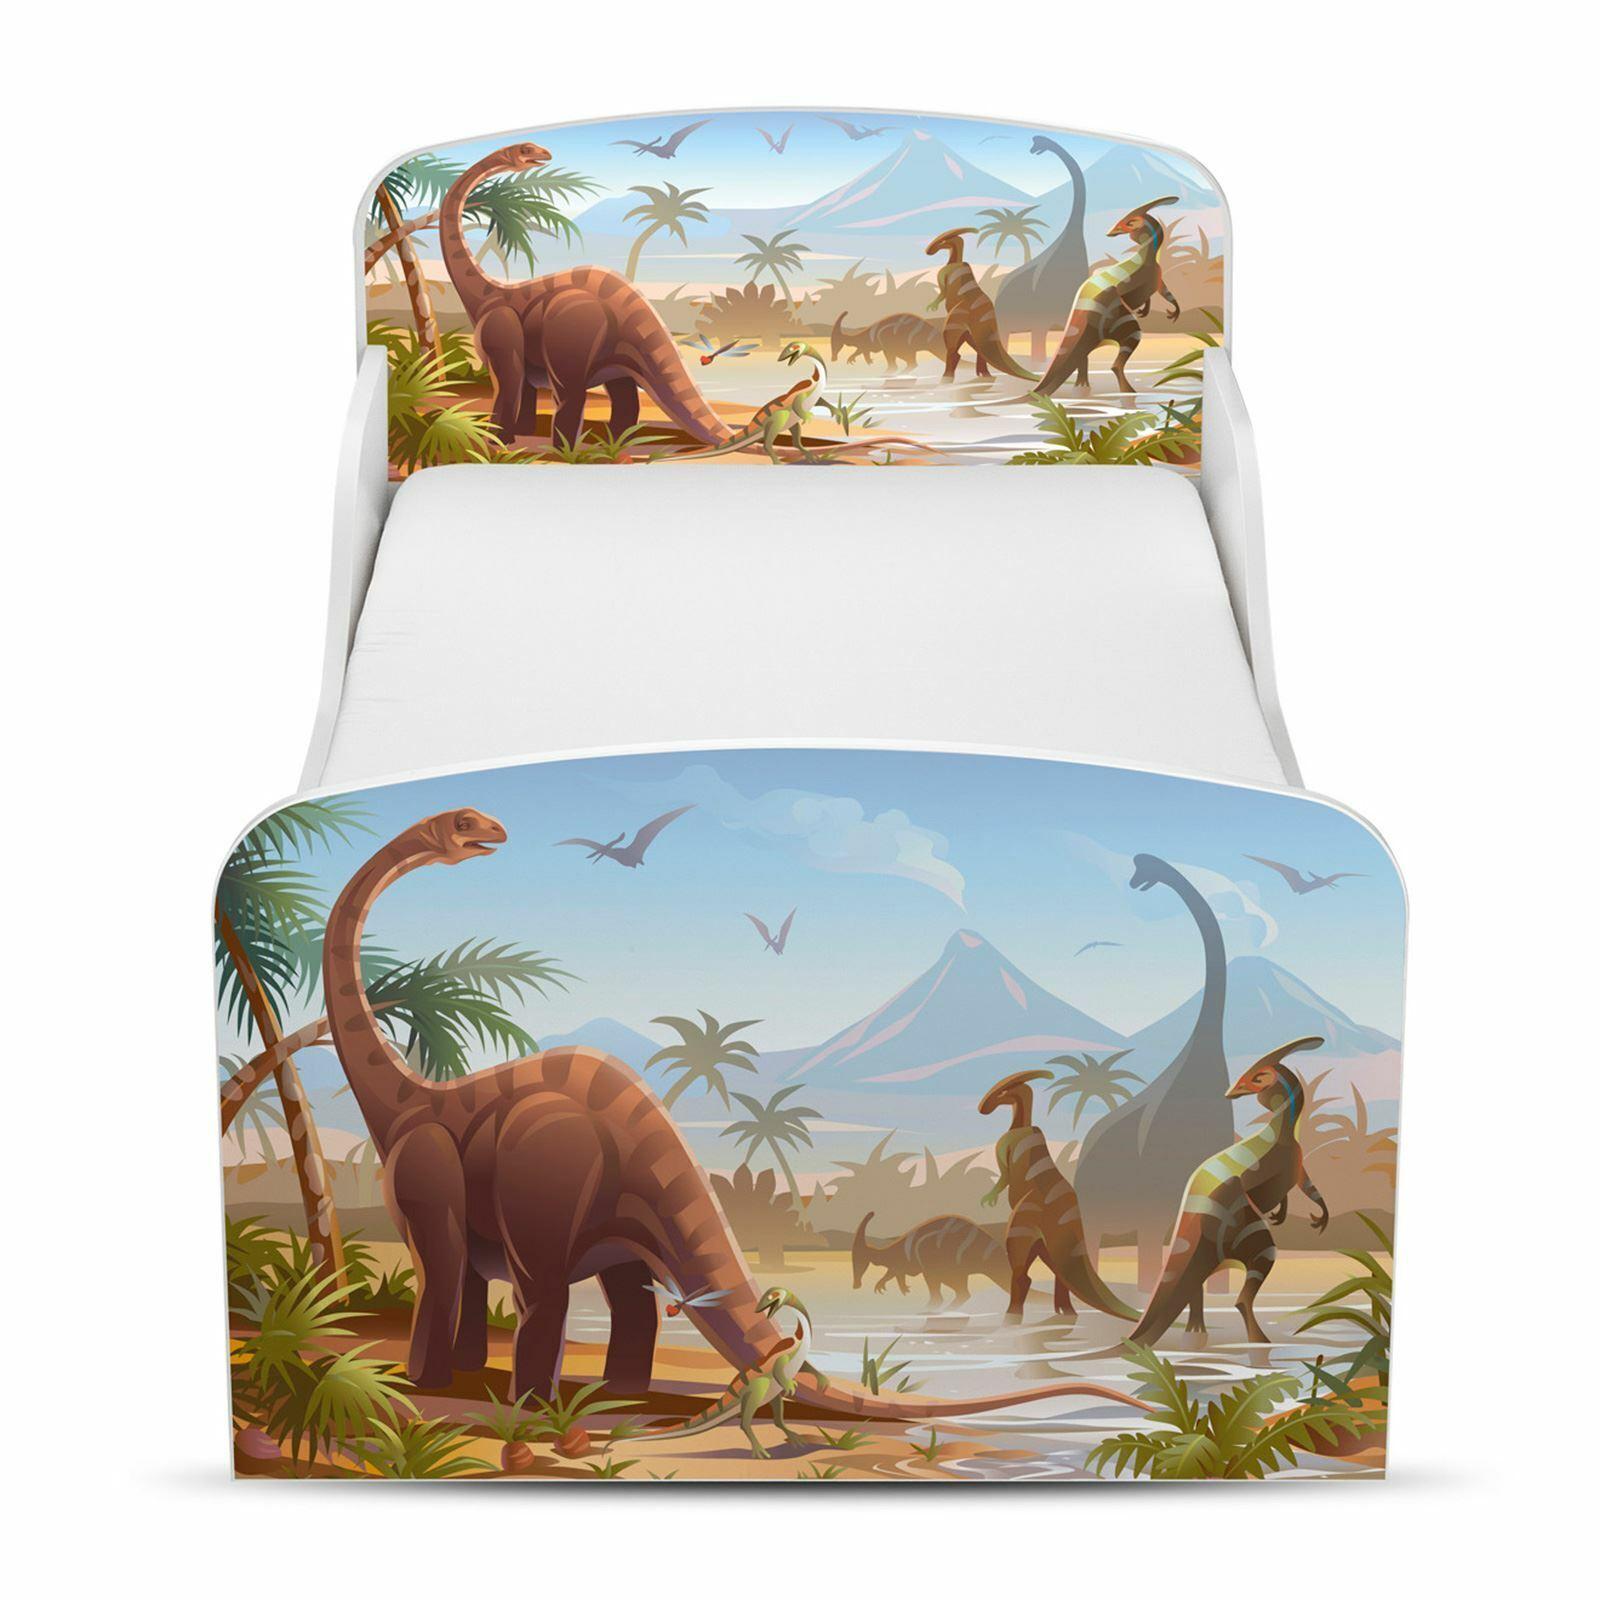 Jurassique Dinosaures Bébé Lit prix droit maison lit Enfant Gratuit P + P